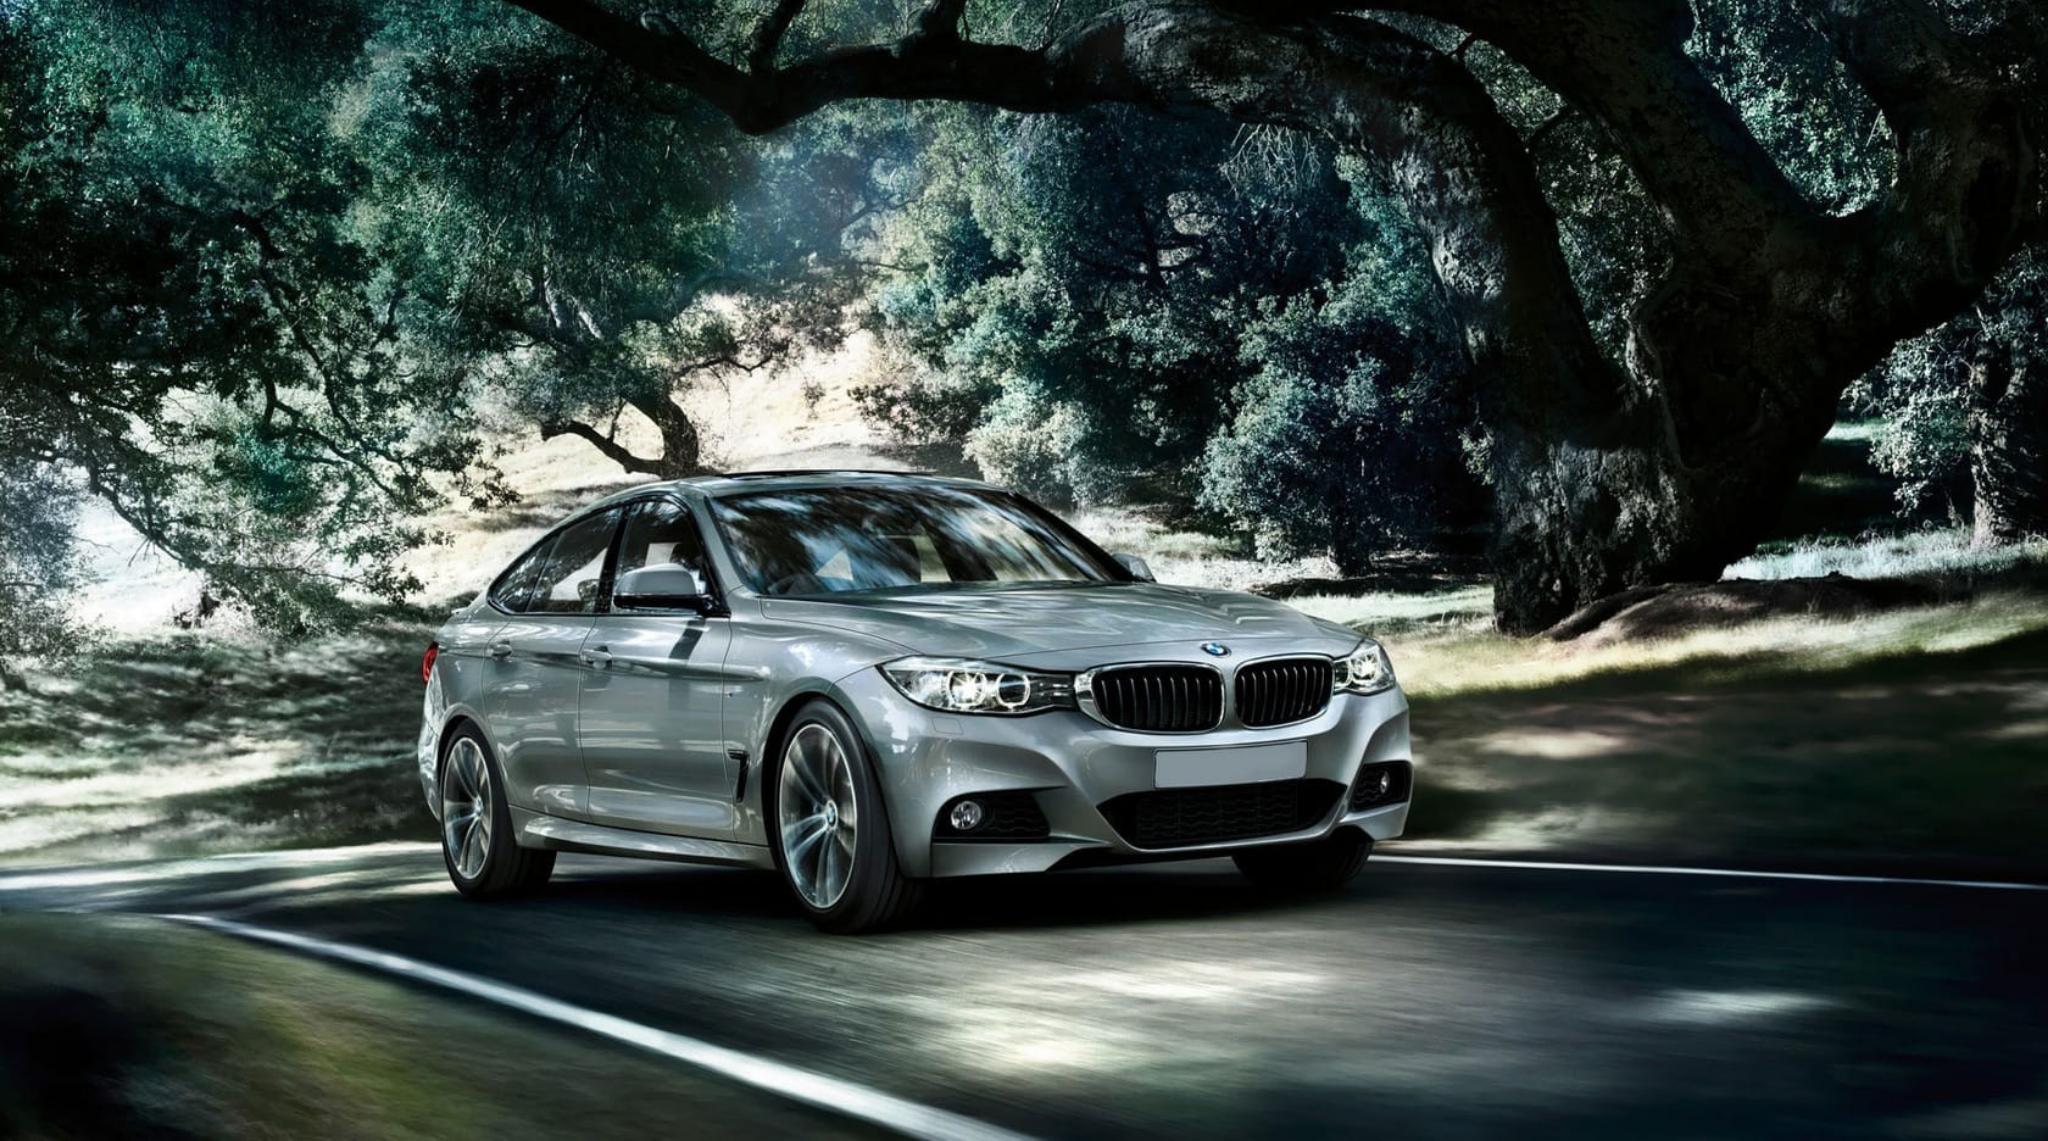 BMW Windy